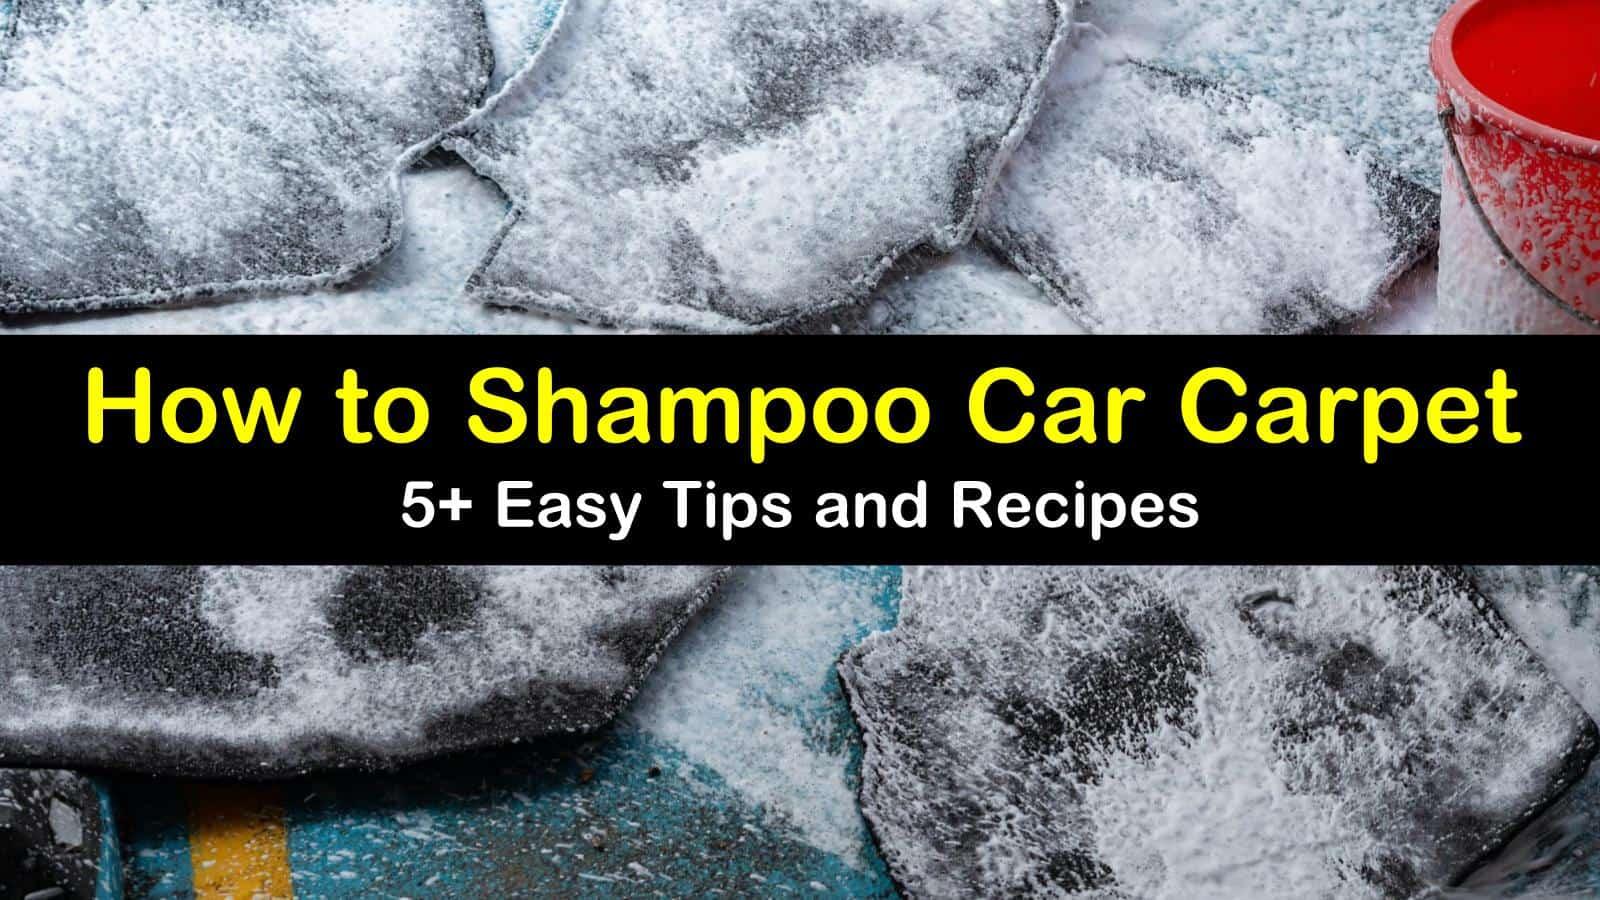 how to shampoo car carpet titleimg1